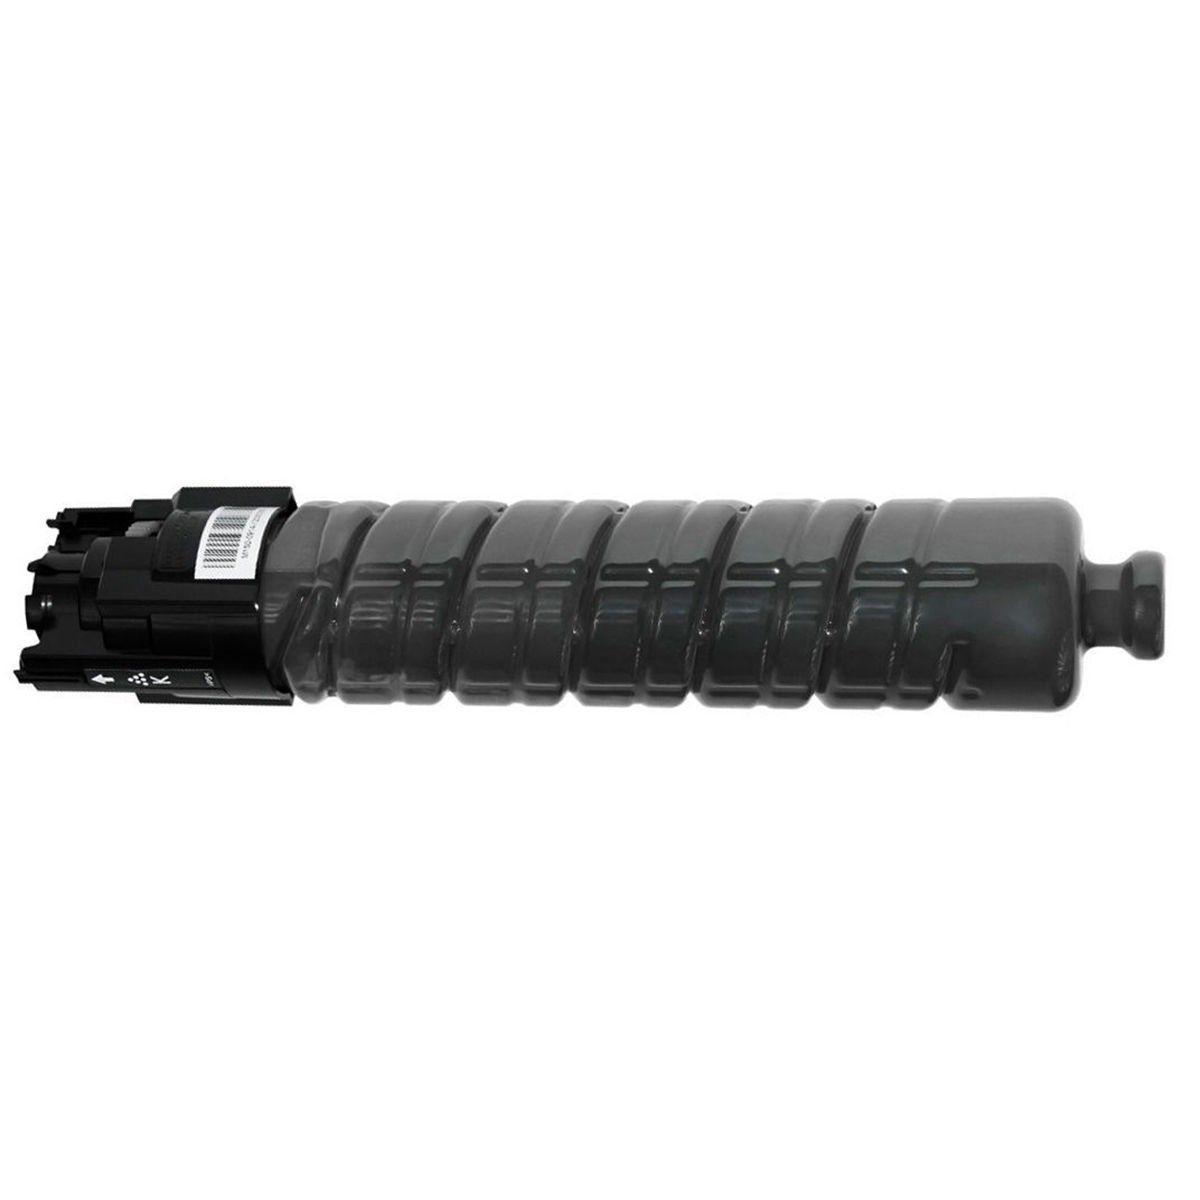 Compatível: Toner C430K para Ricoh Aficio SPC430 C431 C430dn C440dn SPC430 SPC431 SPC430dn SPC431dn / Preto / 23.000